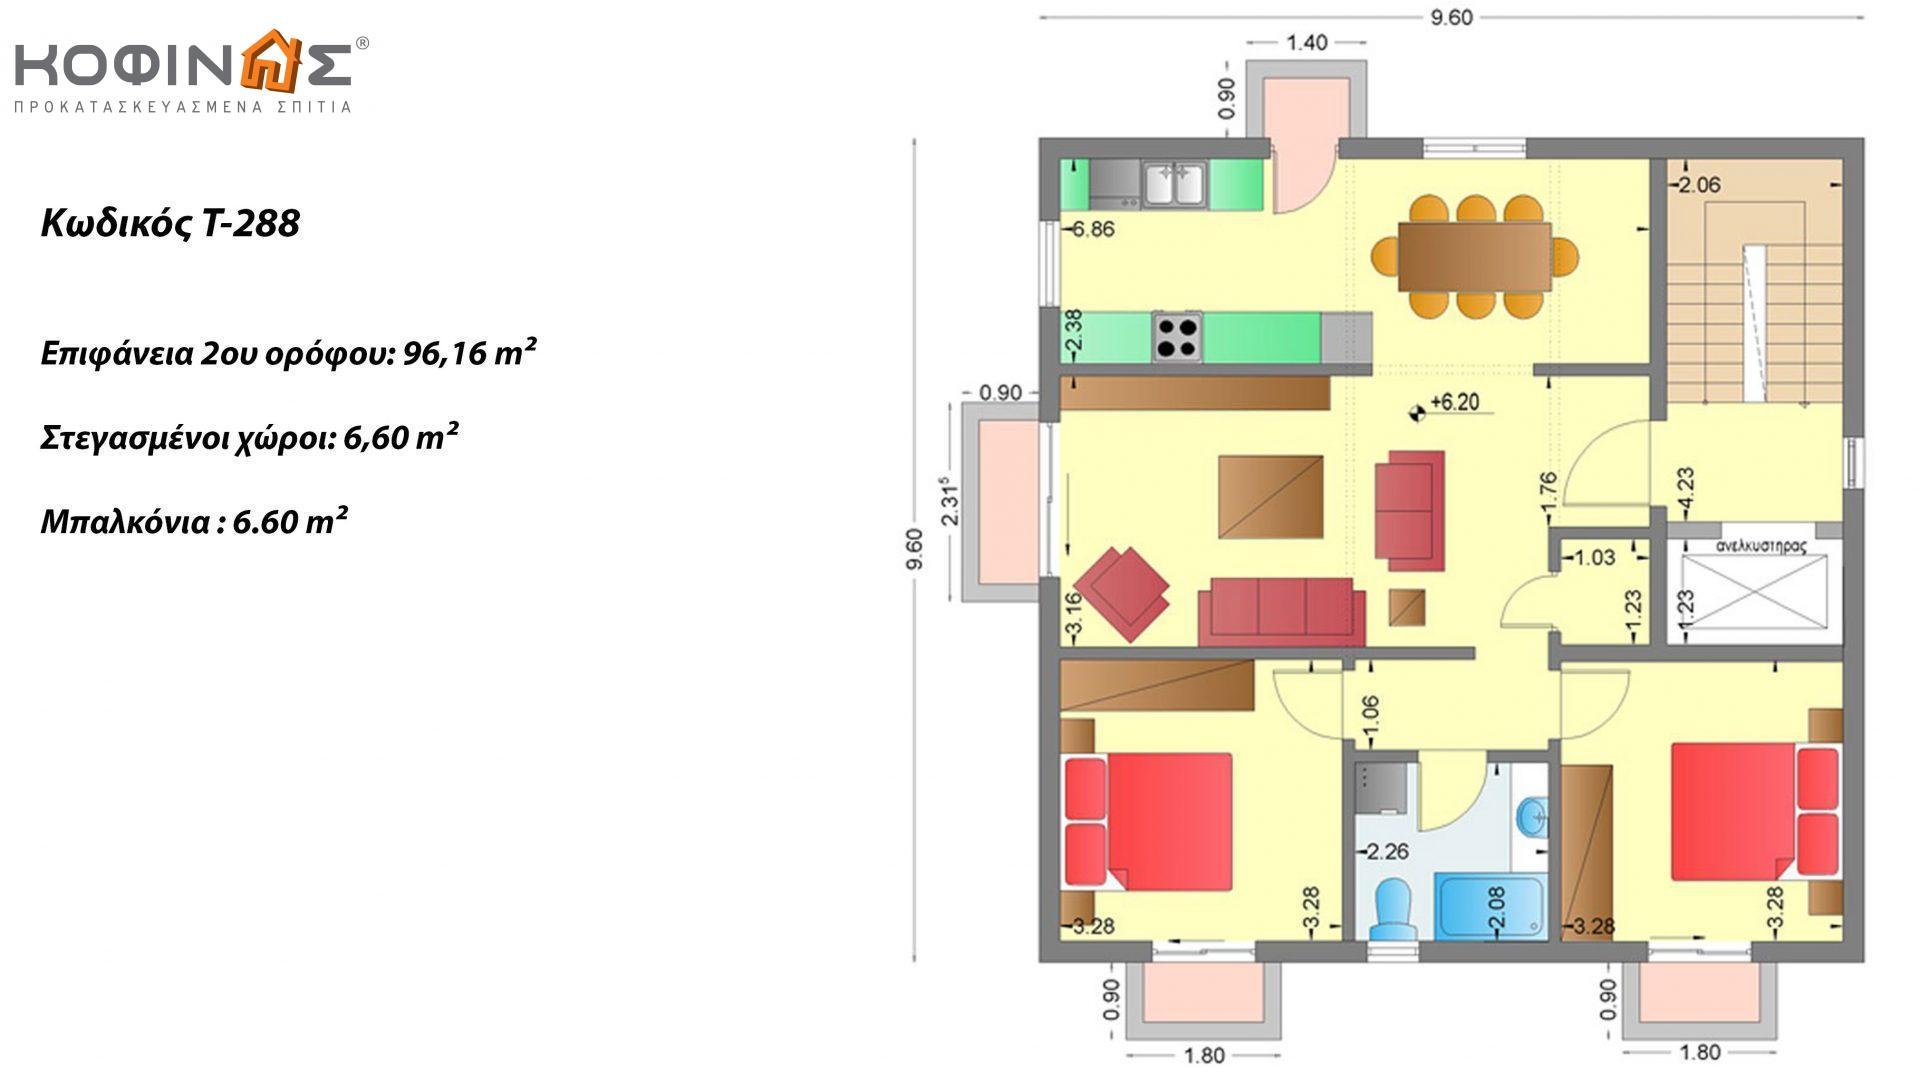 Τριώροφη Κατοικία T-288, συνολικής επιφάνειας 288,48 τ.μ. ,συνολική επιφάνεια στεγασμένων χώρων 13.20 τ.μ., μπαλκόνια 13,20τ.μ.